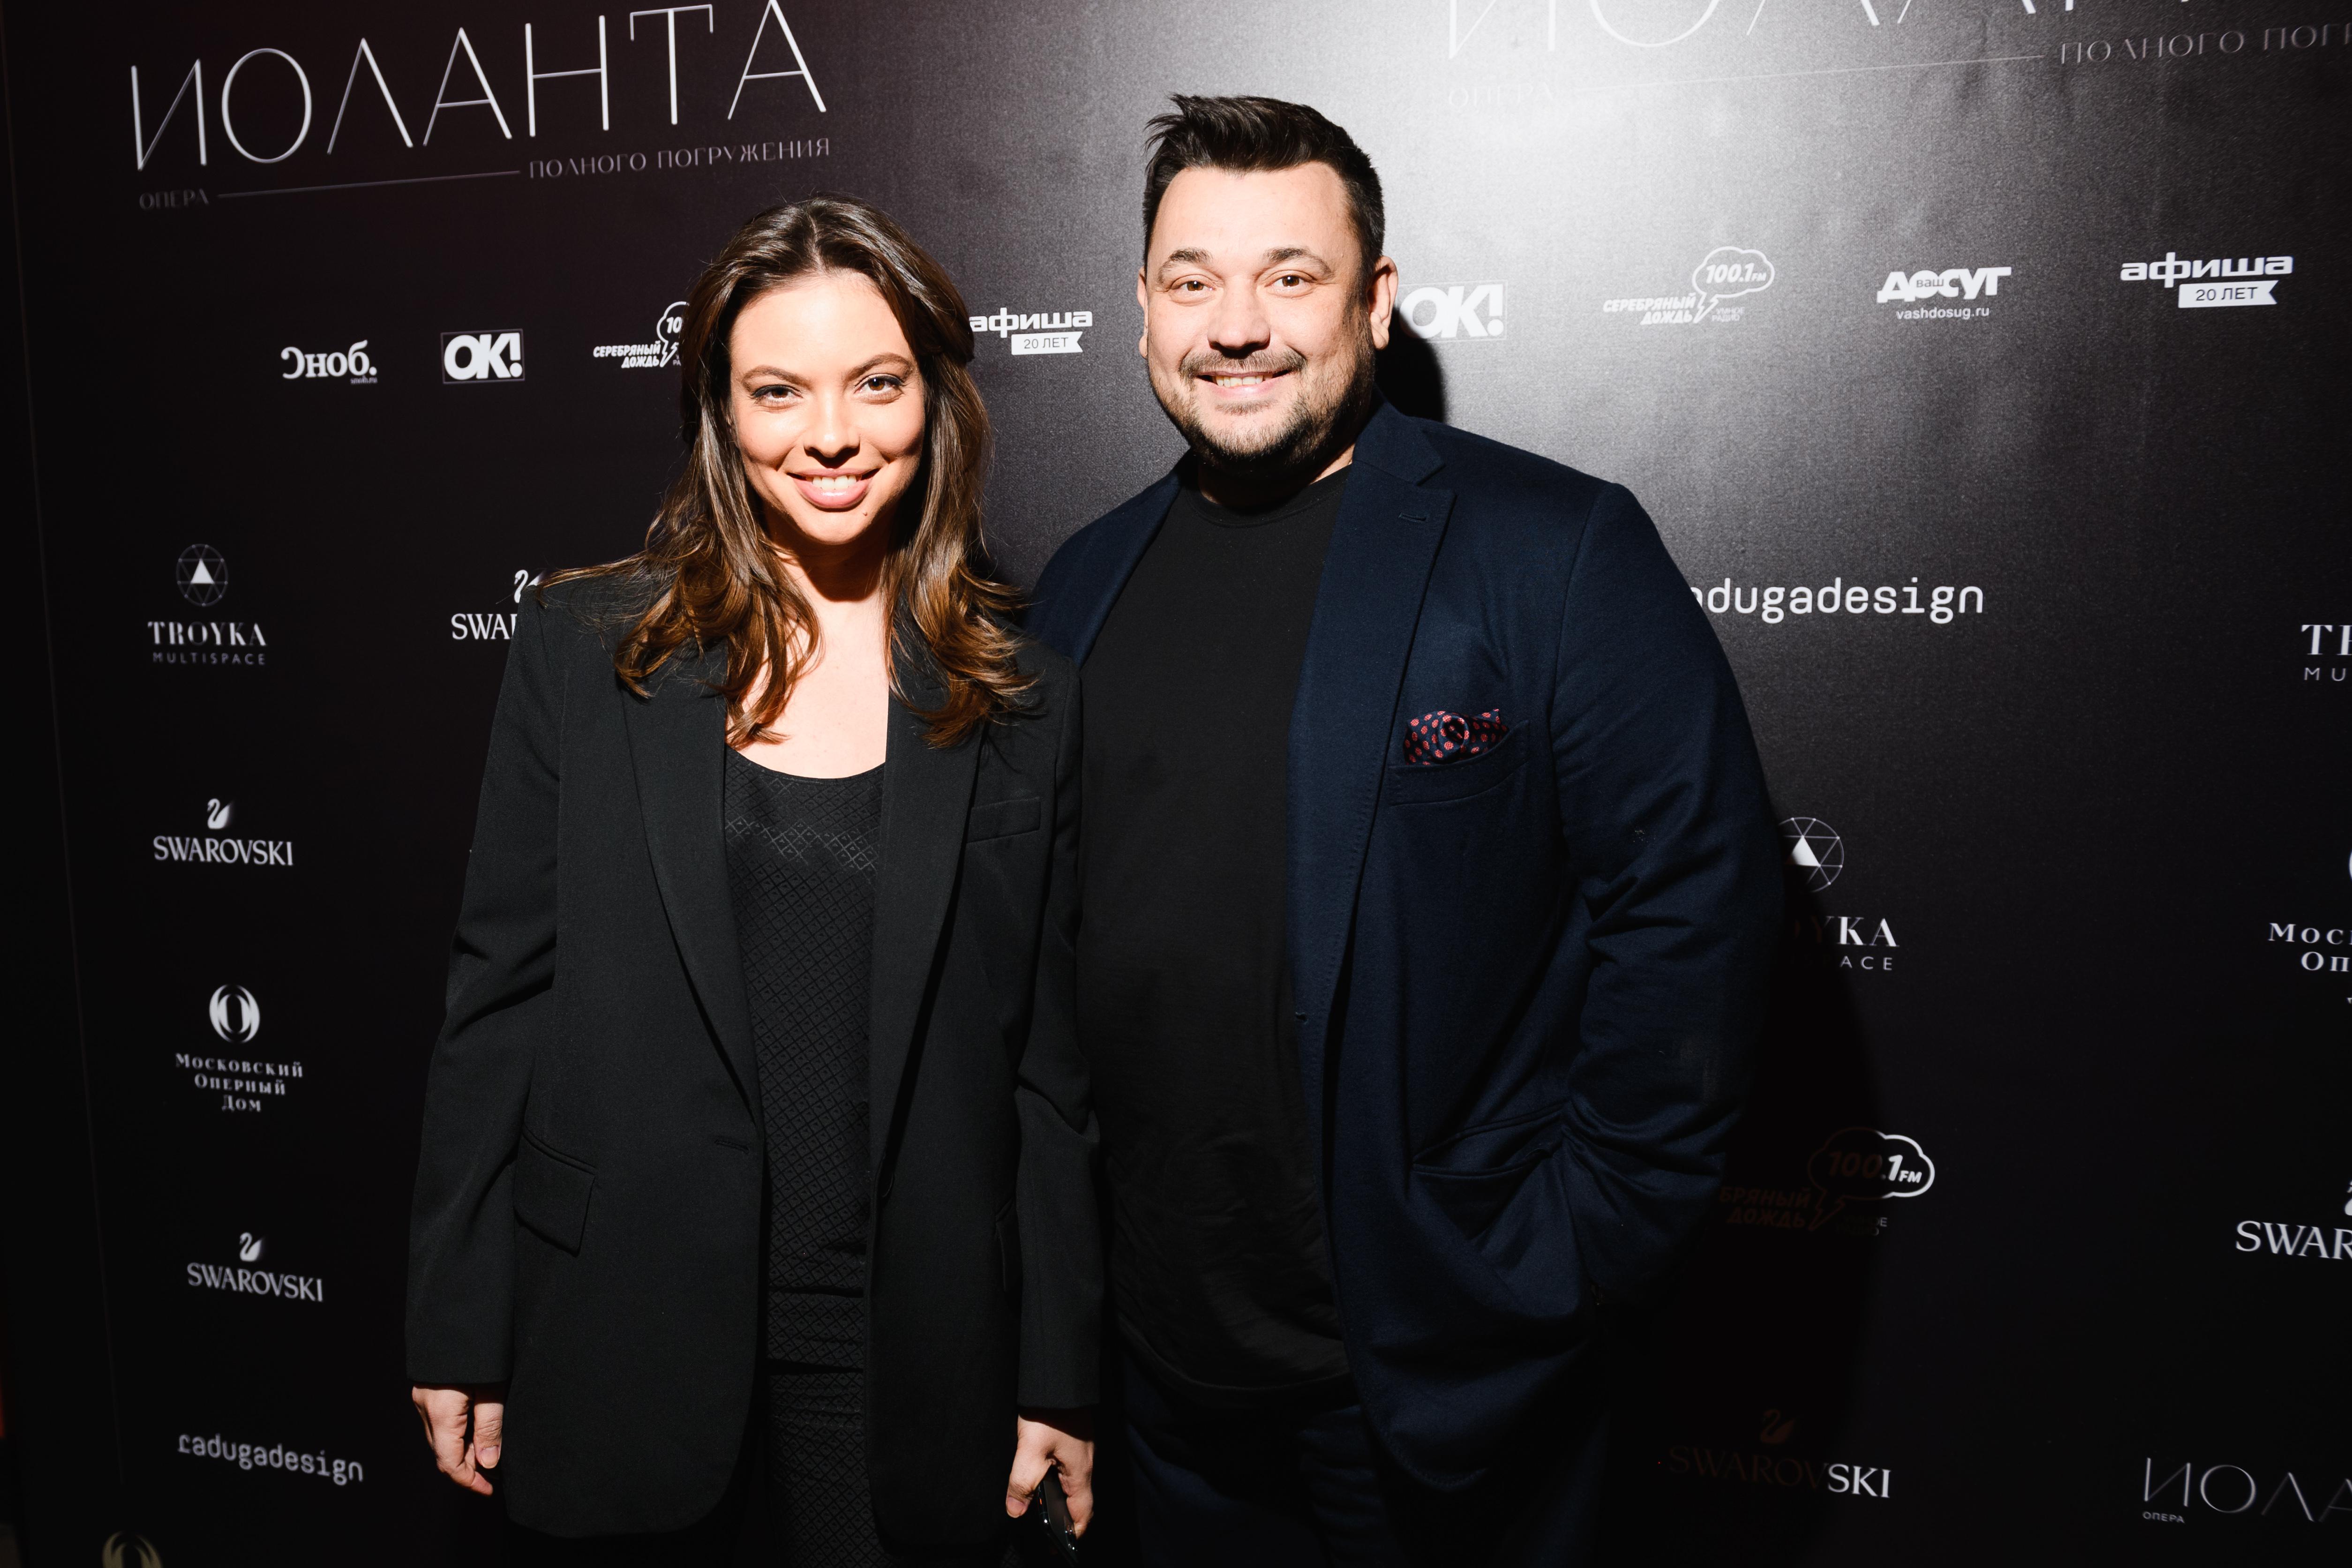 Инга Меладзе, Яна Кушнер и Ксения Суркова на премьере оперы «Иоланта»